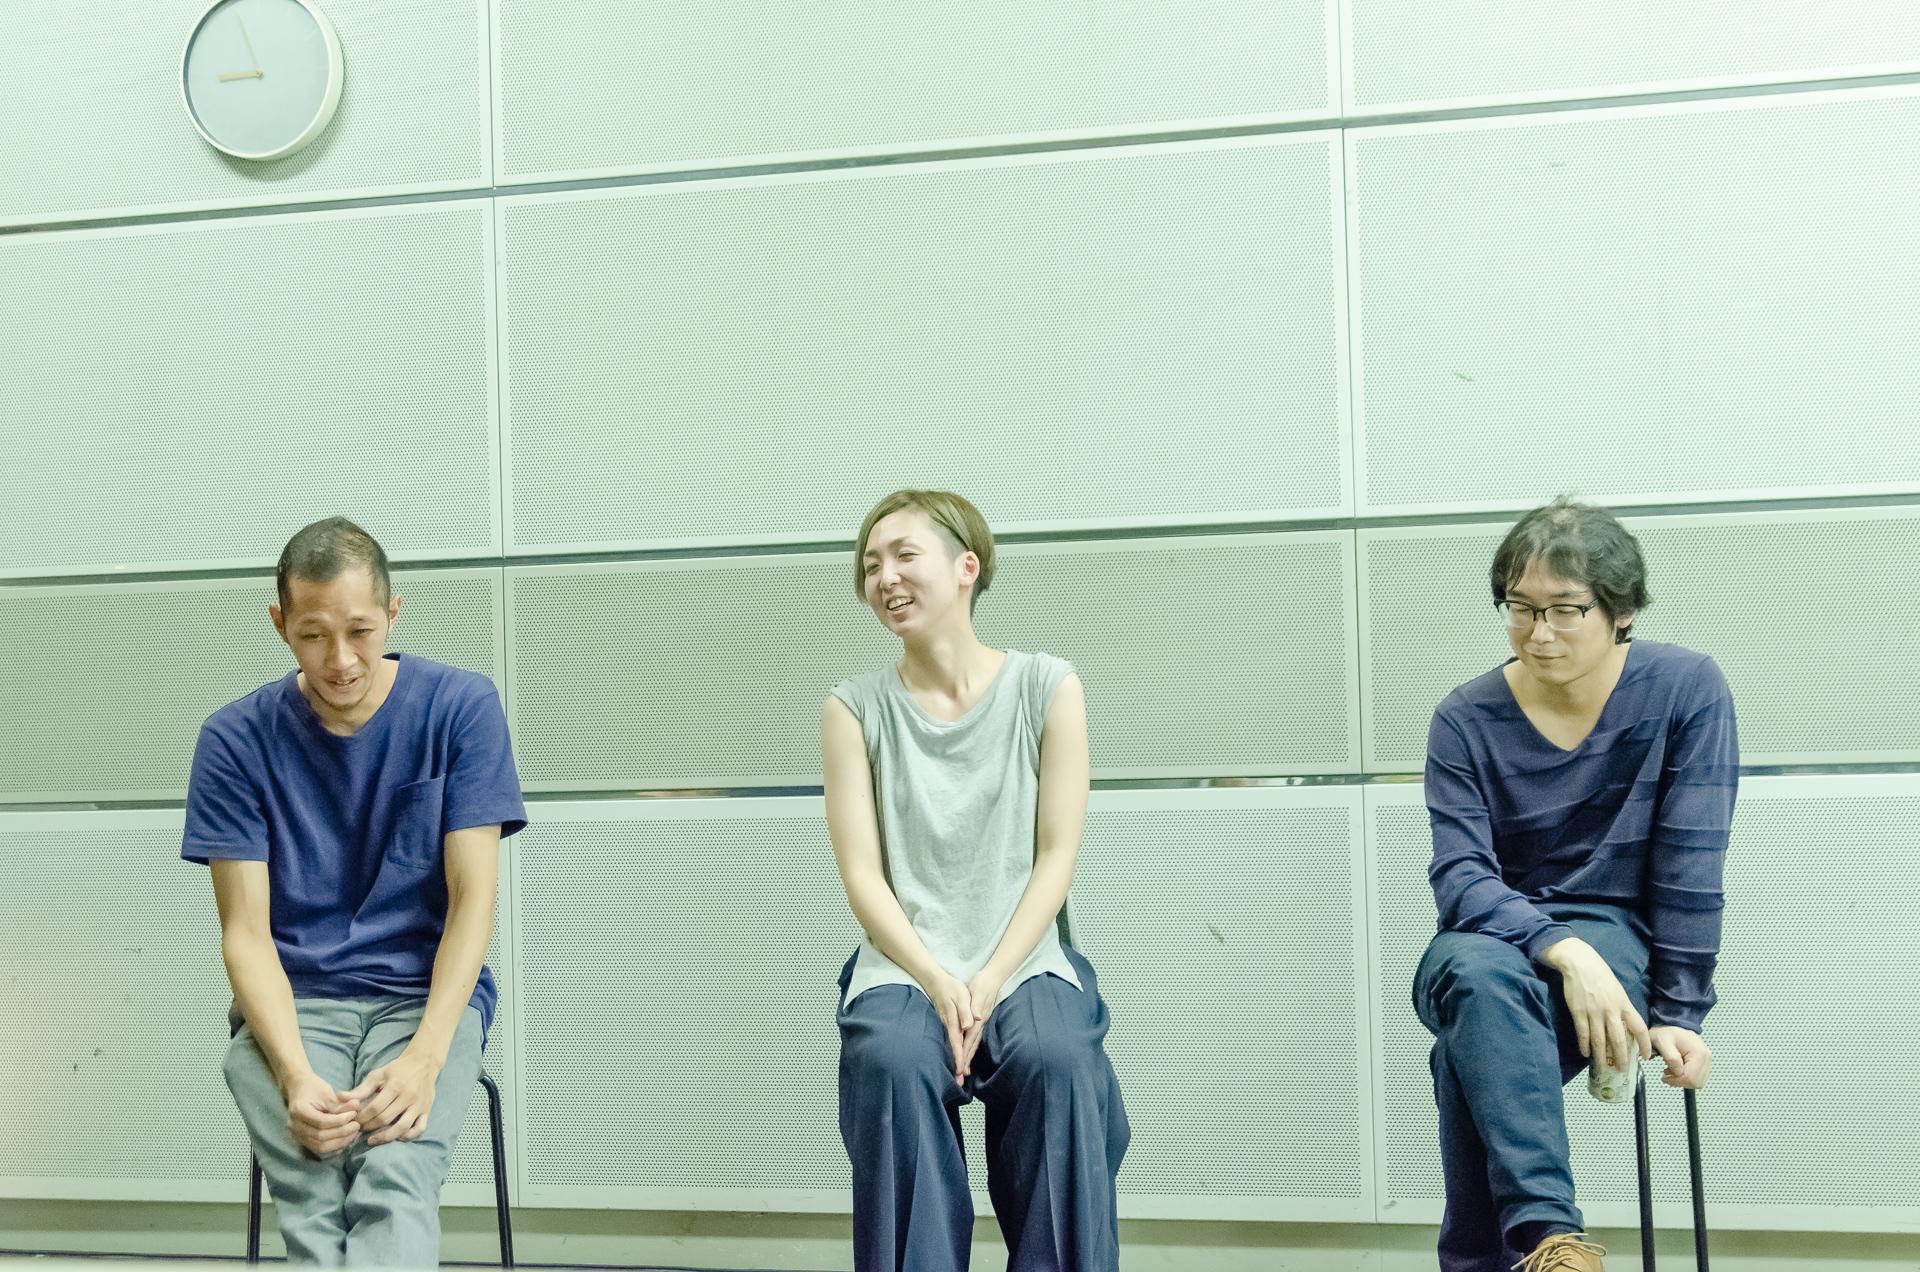 左からダンサー・ibis、ダンサー/振付家・Rie Tashiro、音楽・山口紘 撮影:須藤崇規